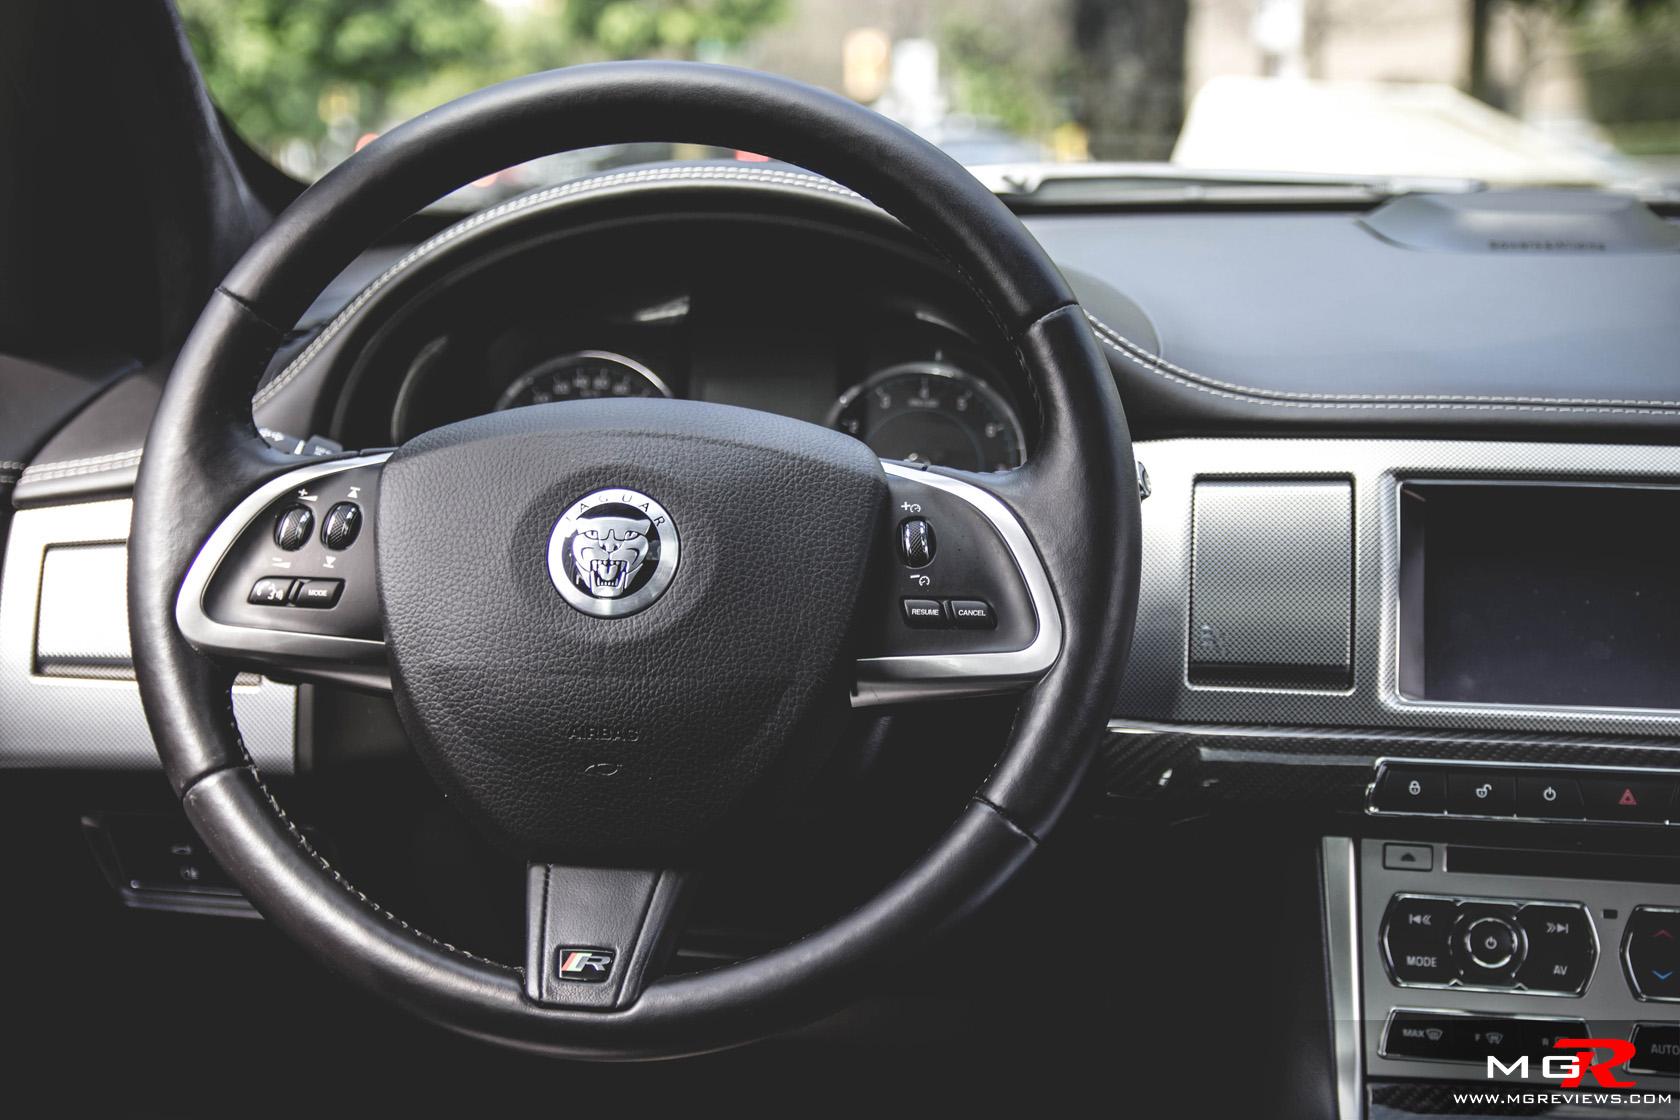 Review Jaguar XFR MGReviews - 2012 jaguar xfr review